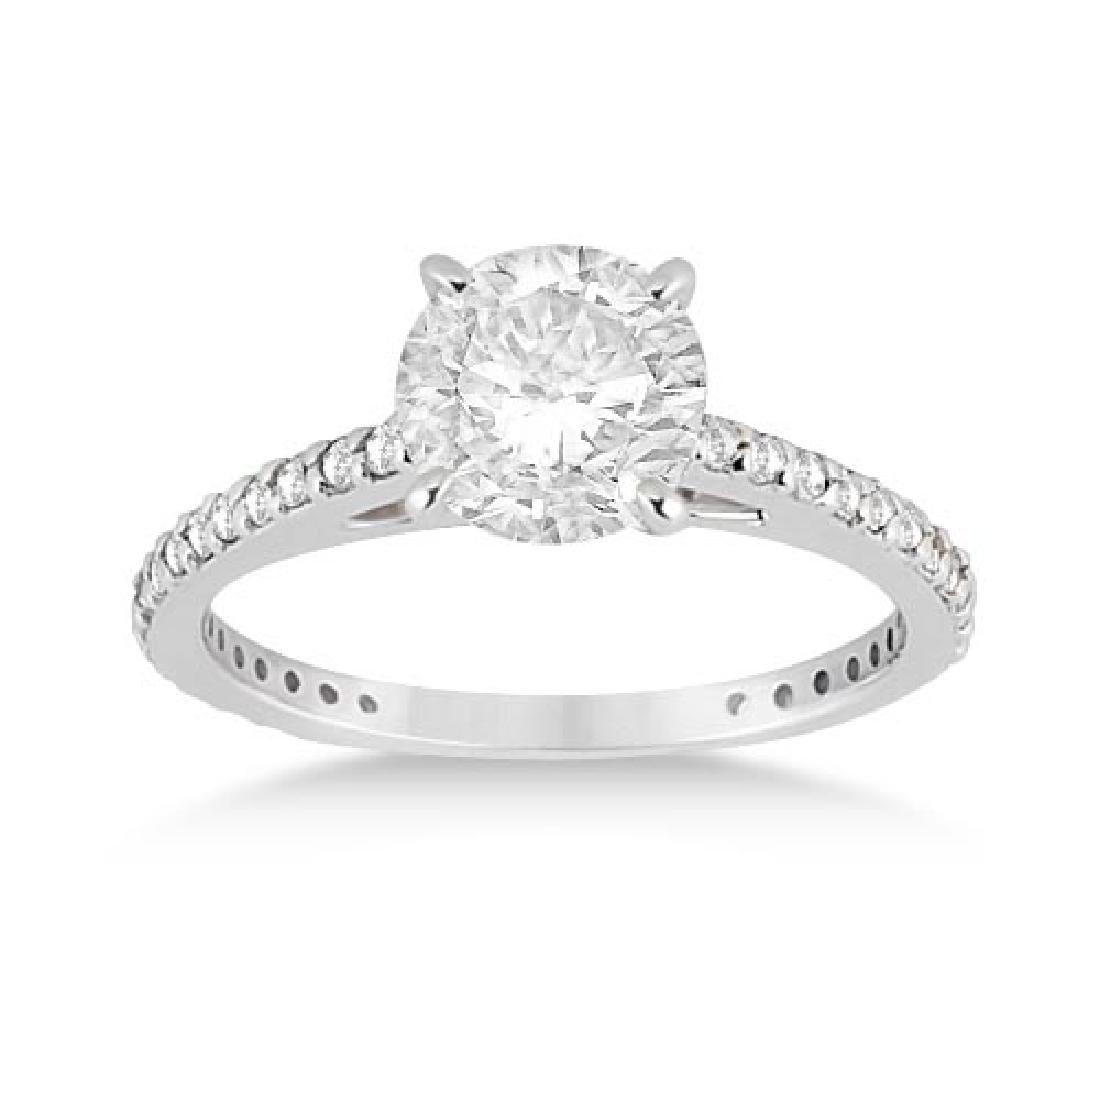 Petite Eternity Diamond Engagement Ring Platinum (1.55c